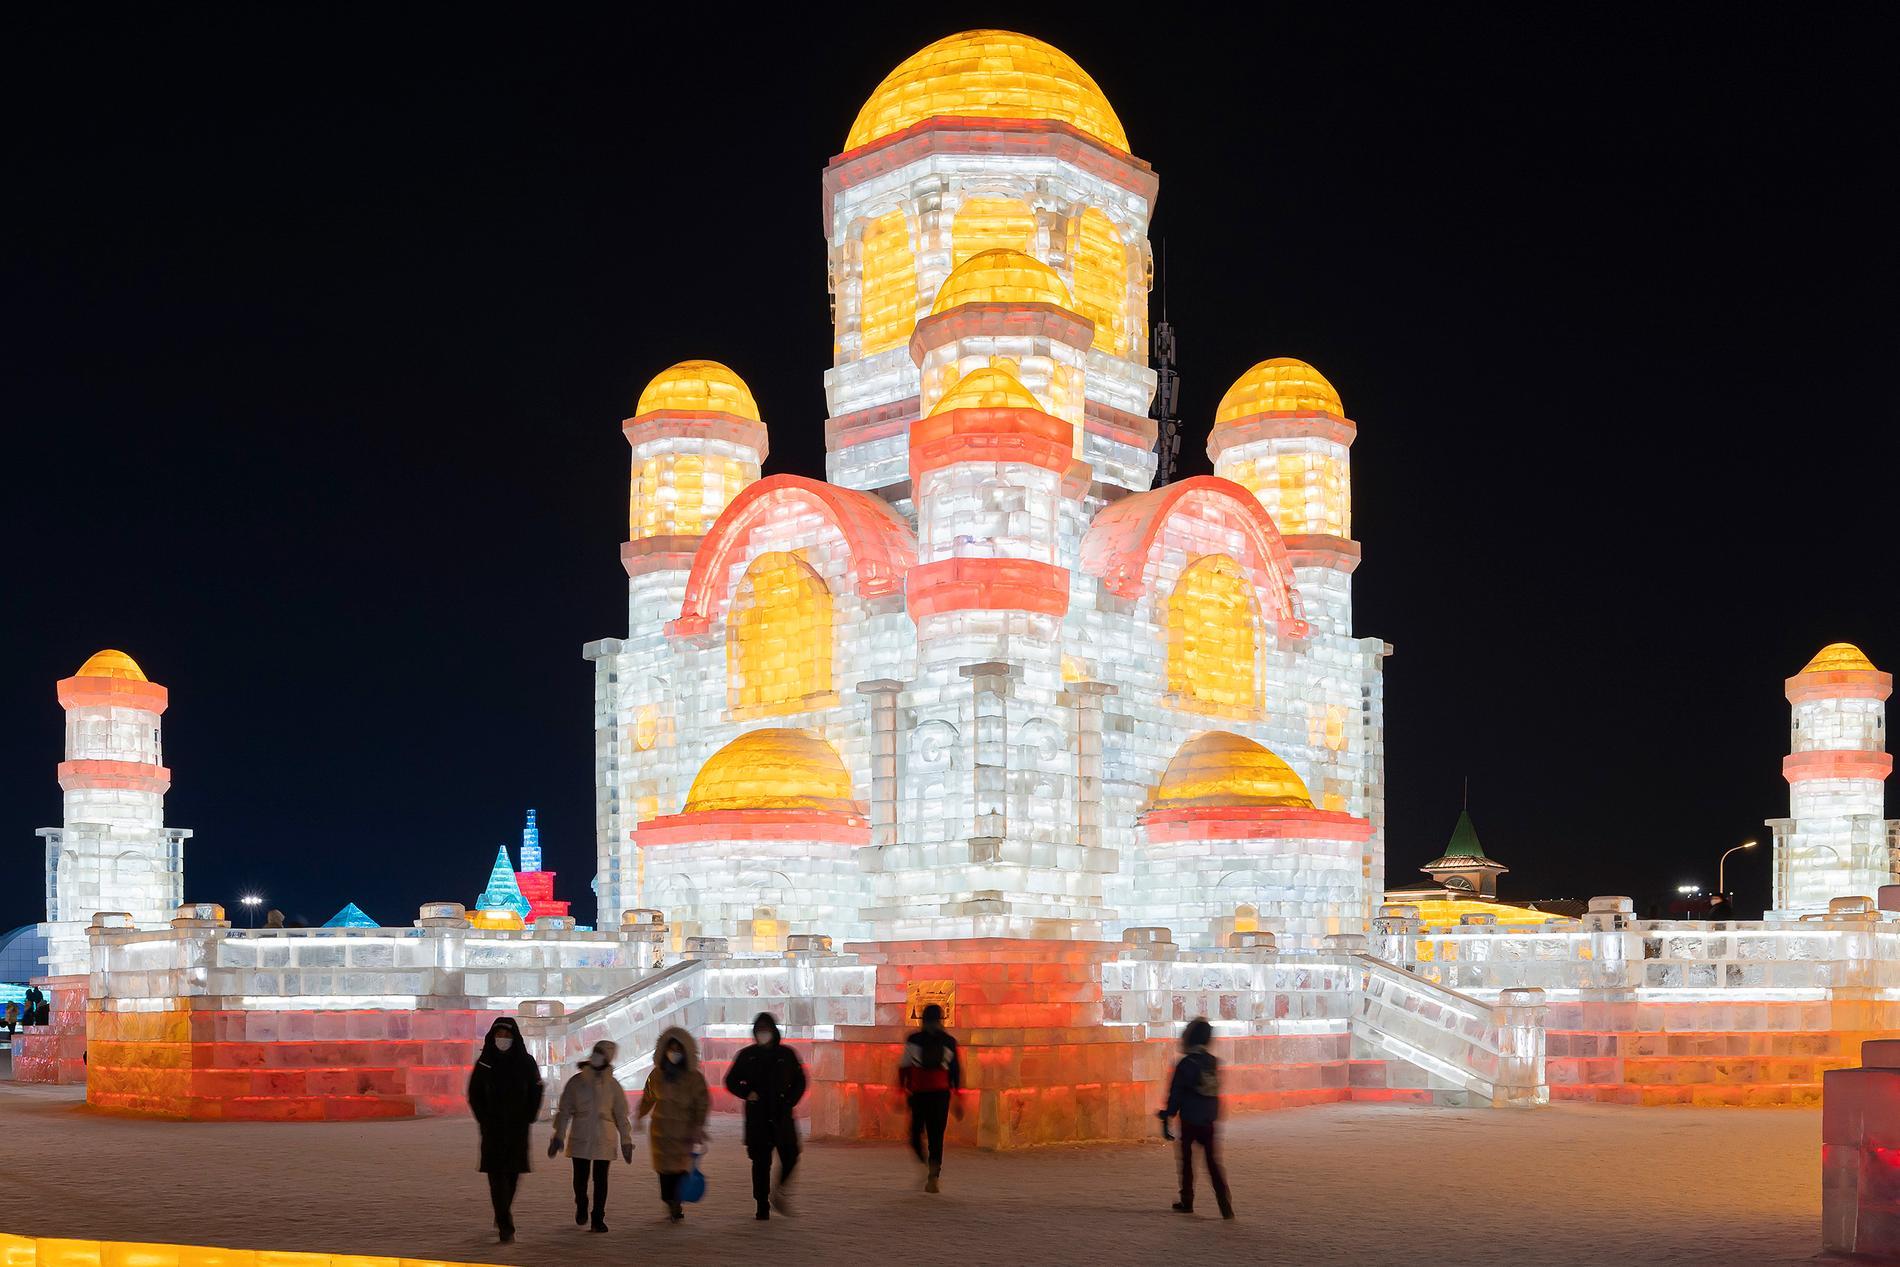 Harbin i nordöstra Kina är känd för sin isfestival. Arkivbild.